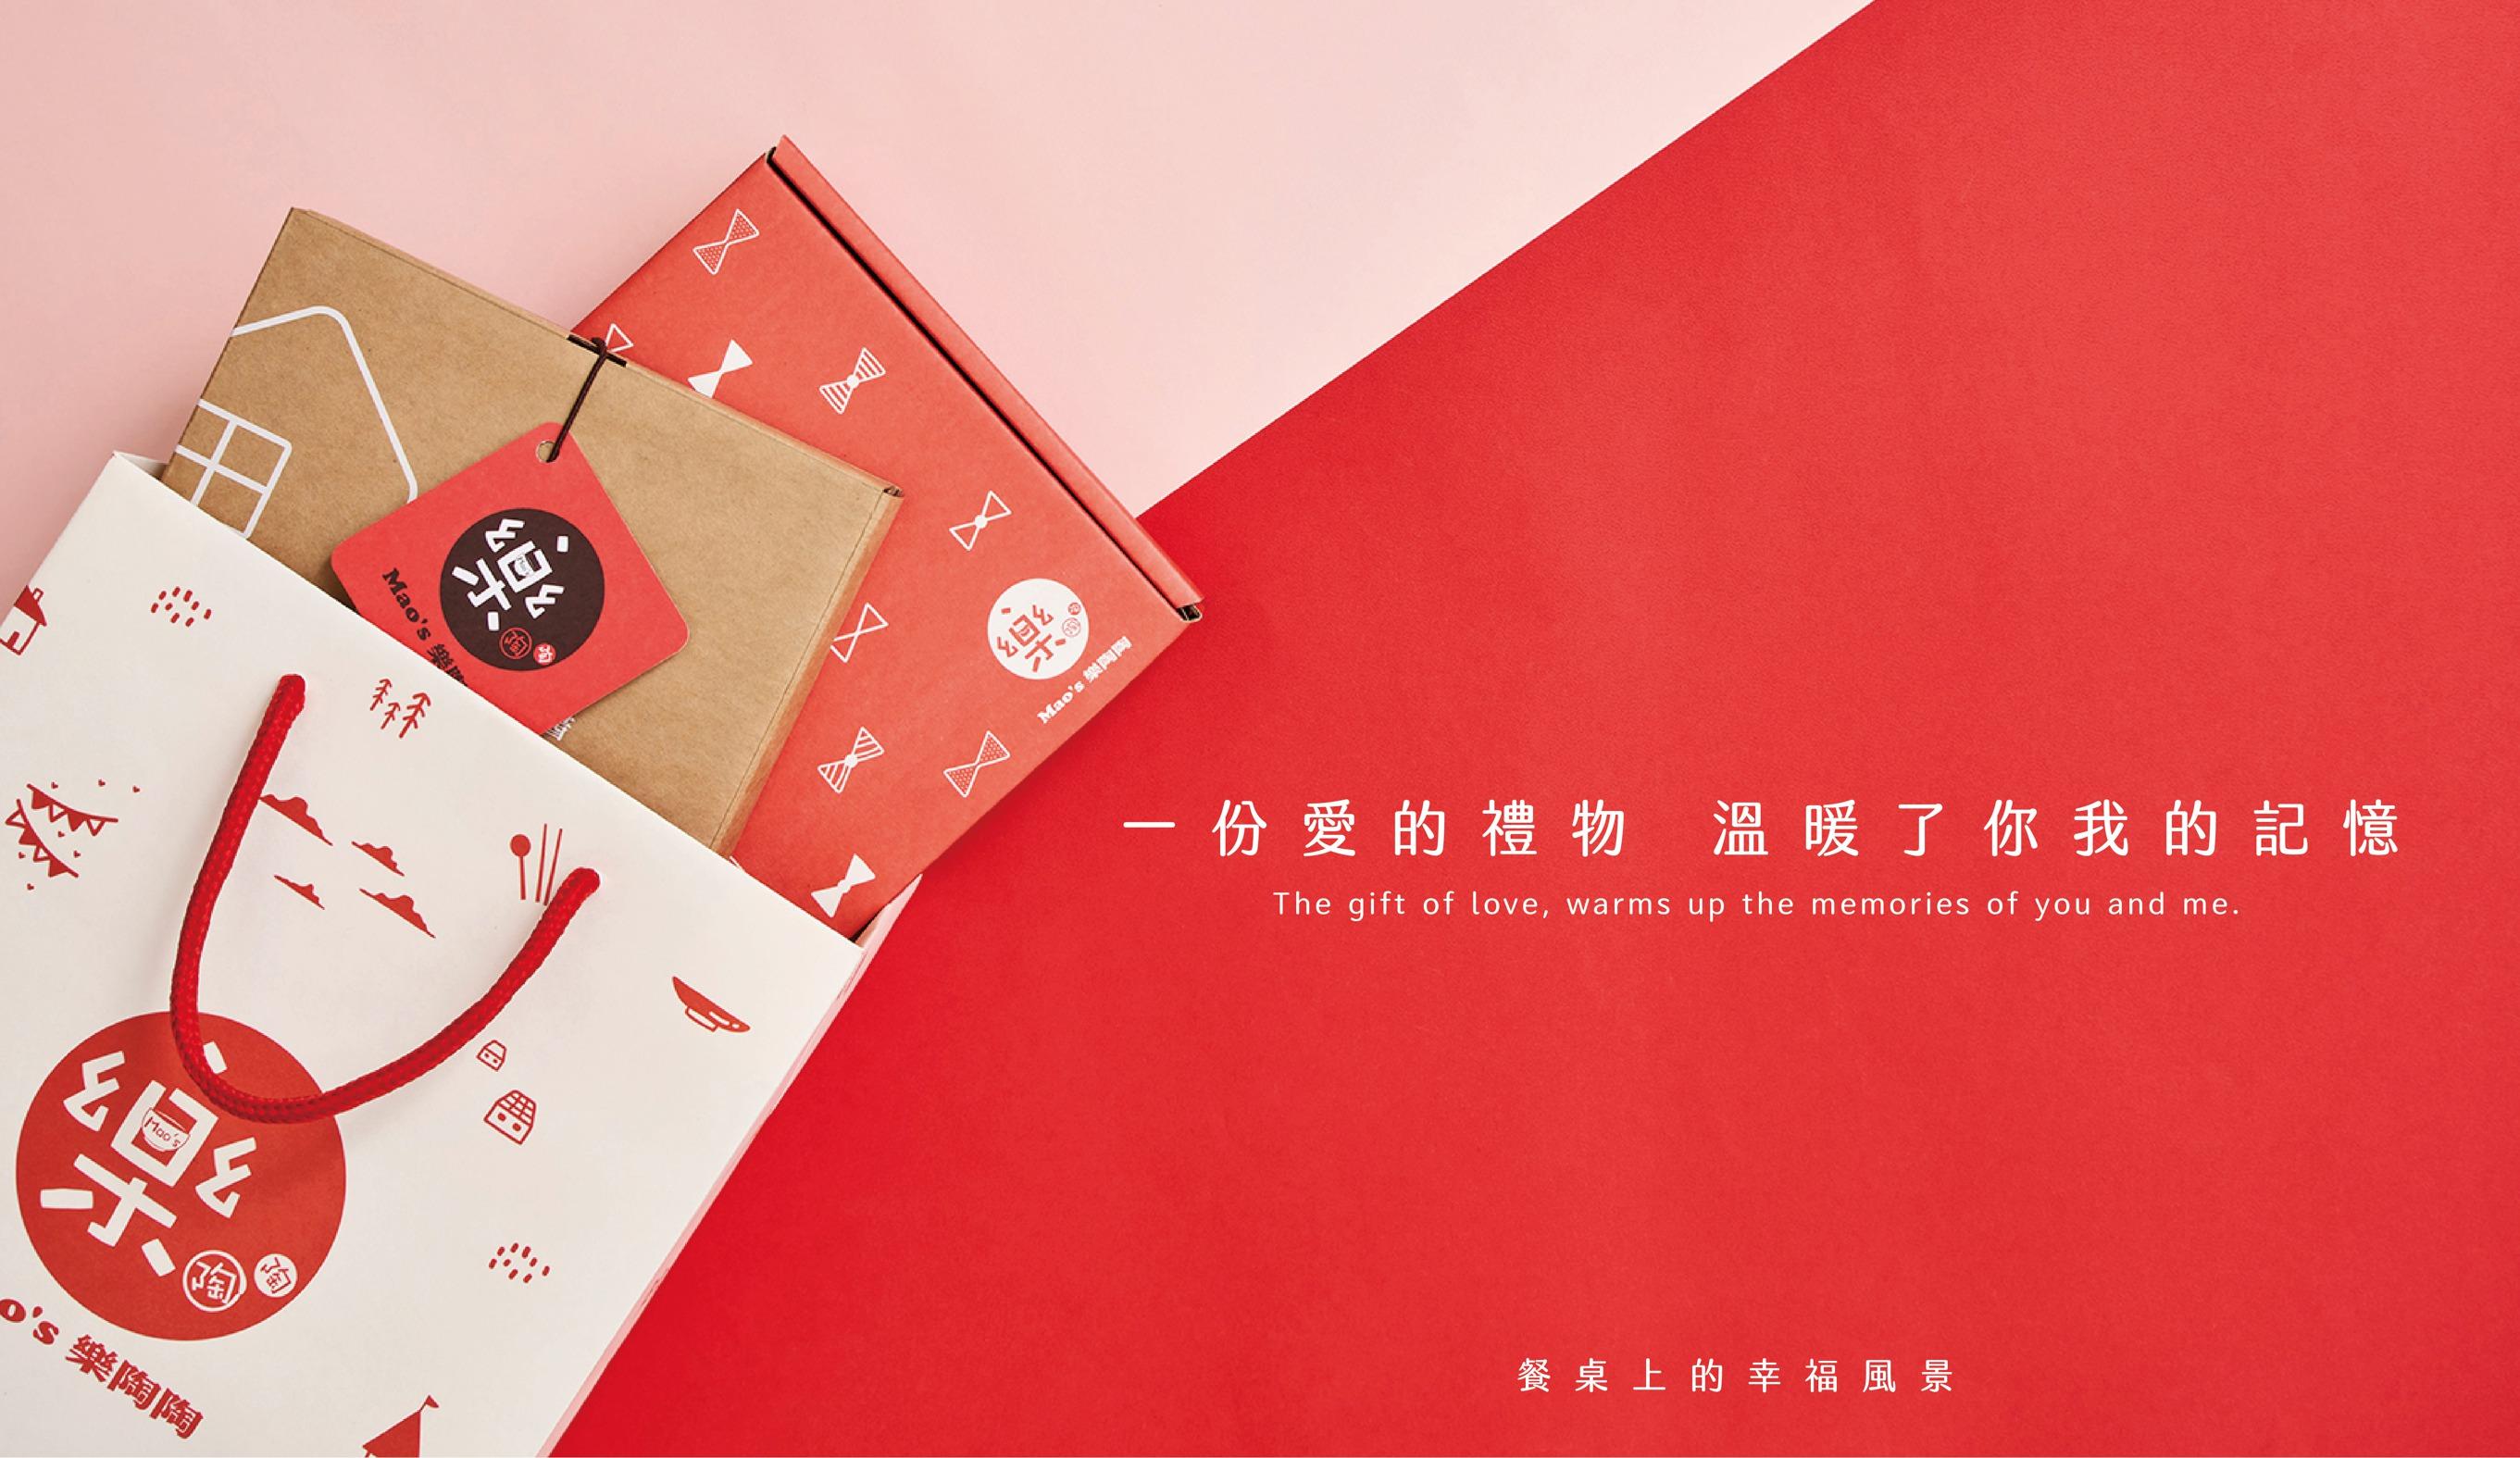 設計師品牌 - Mao's樂陶陶